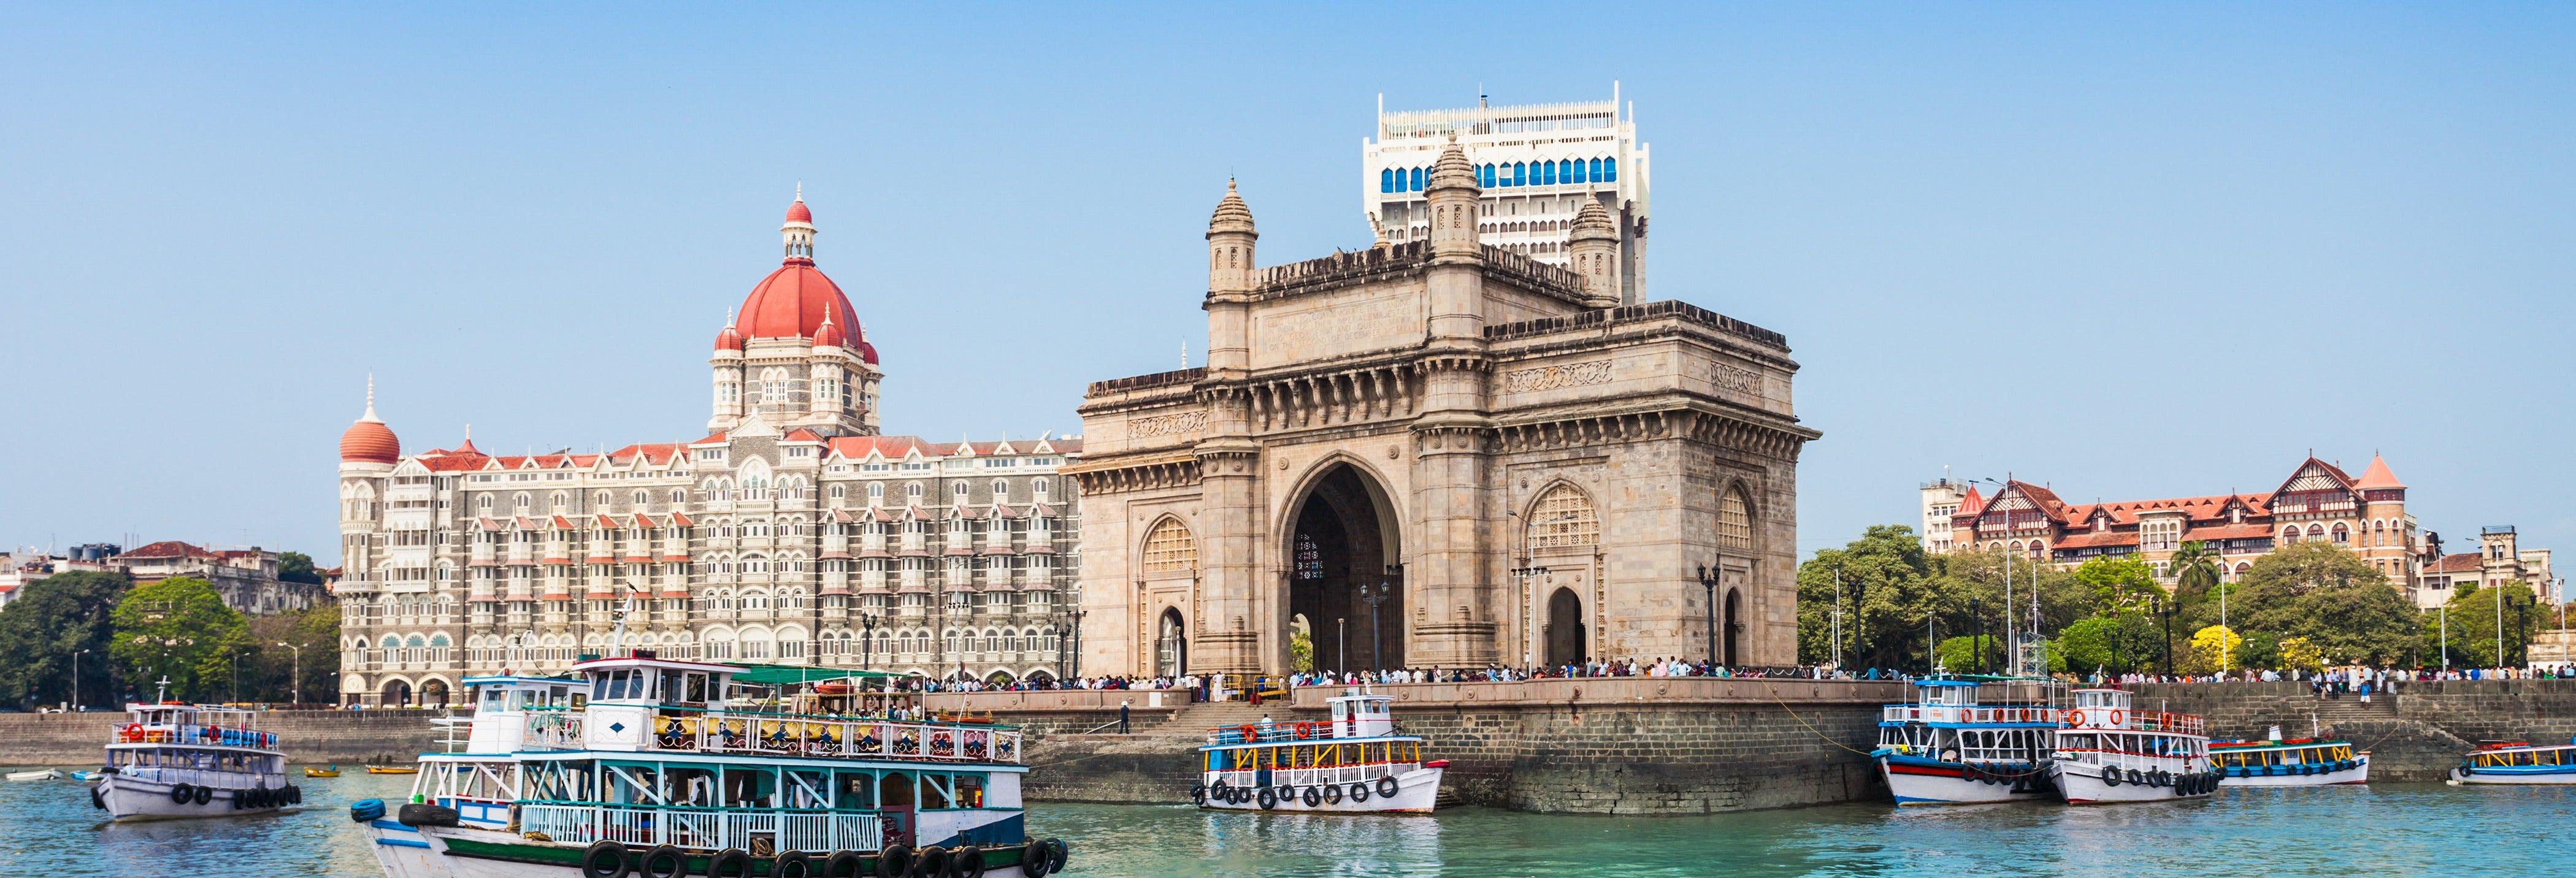 Visita guiada por Bombay